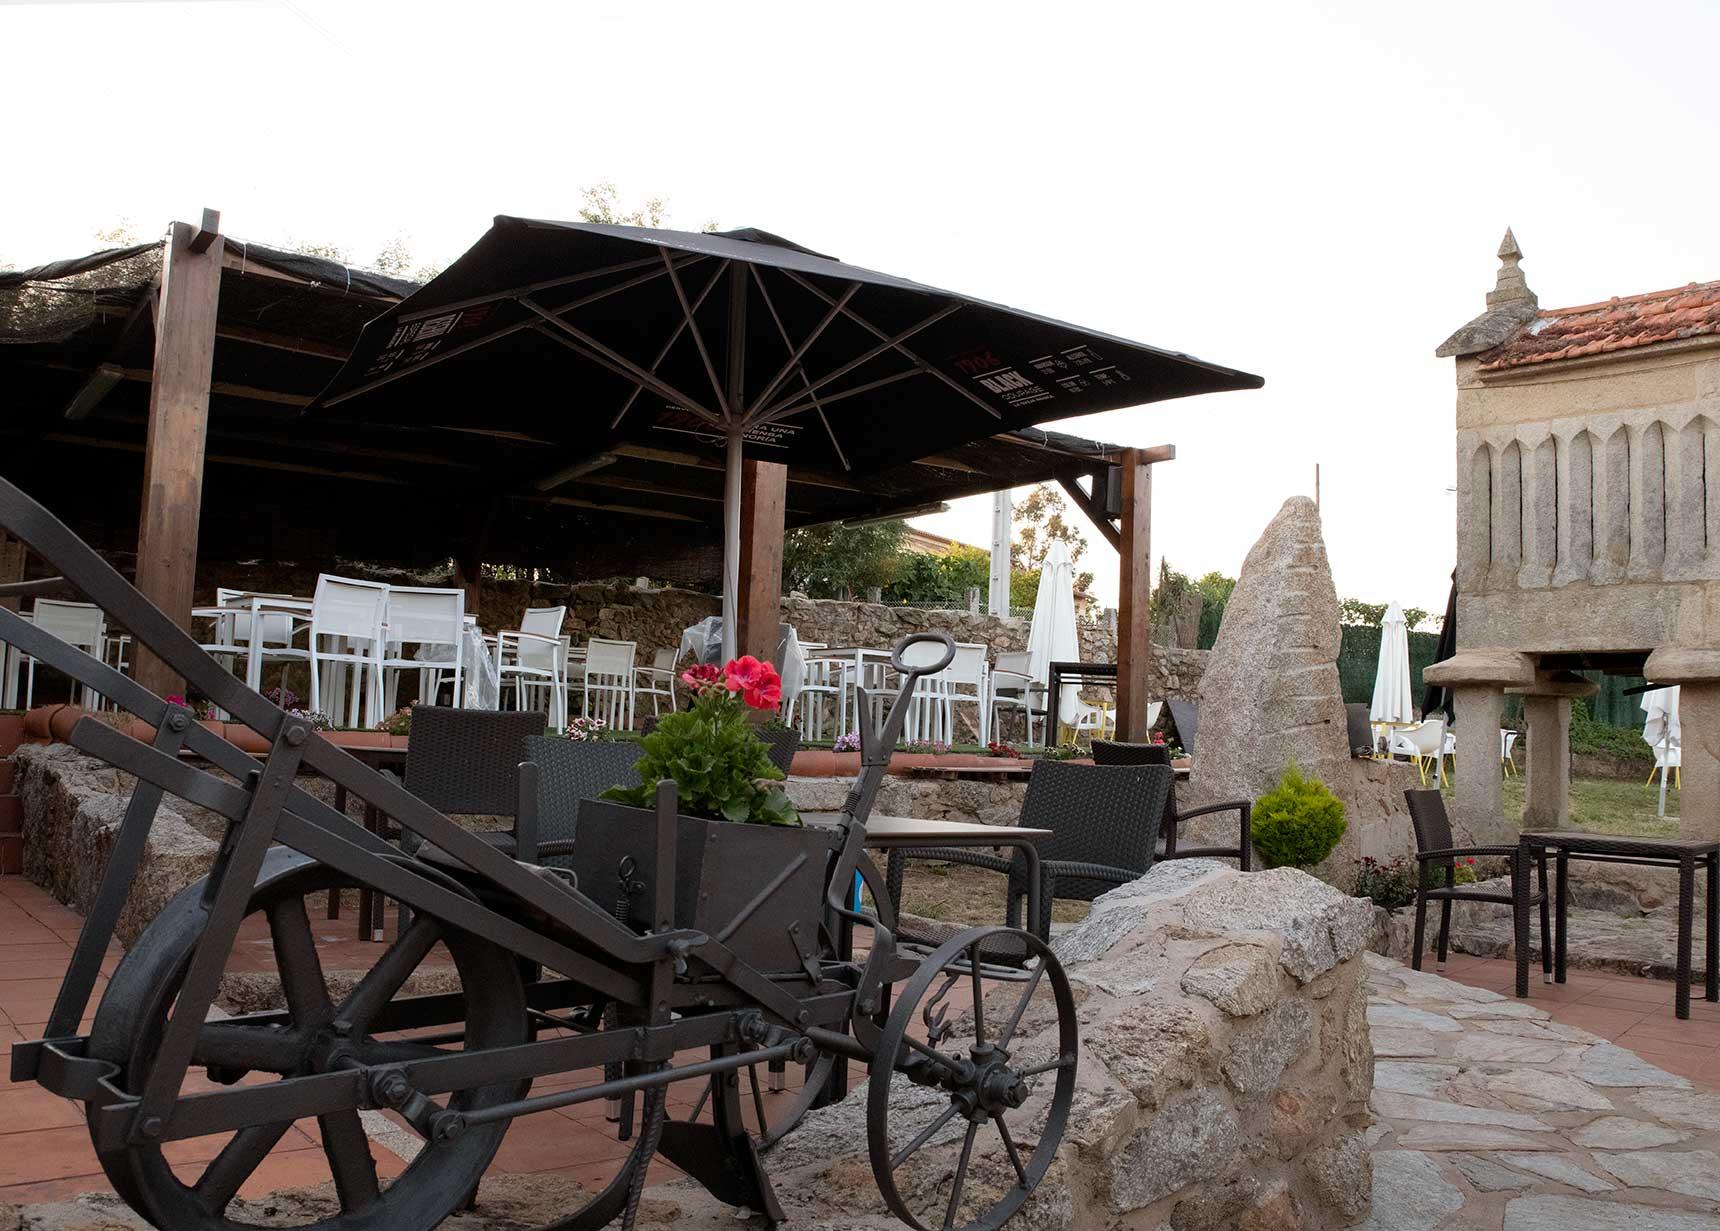 Restaurante en Pontevedra para comer parrillada